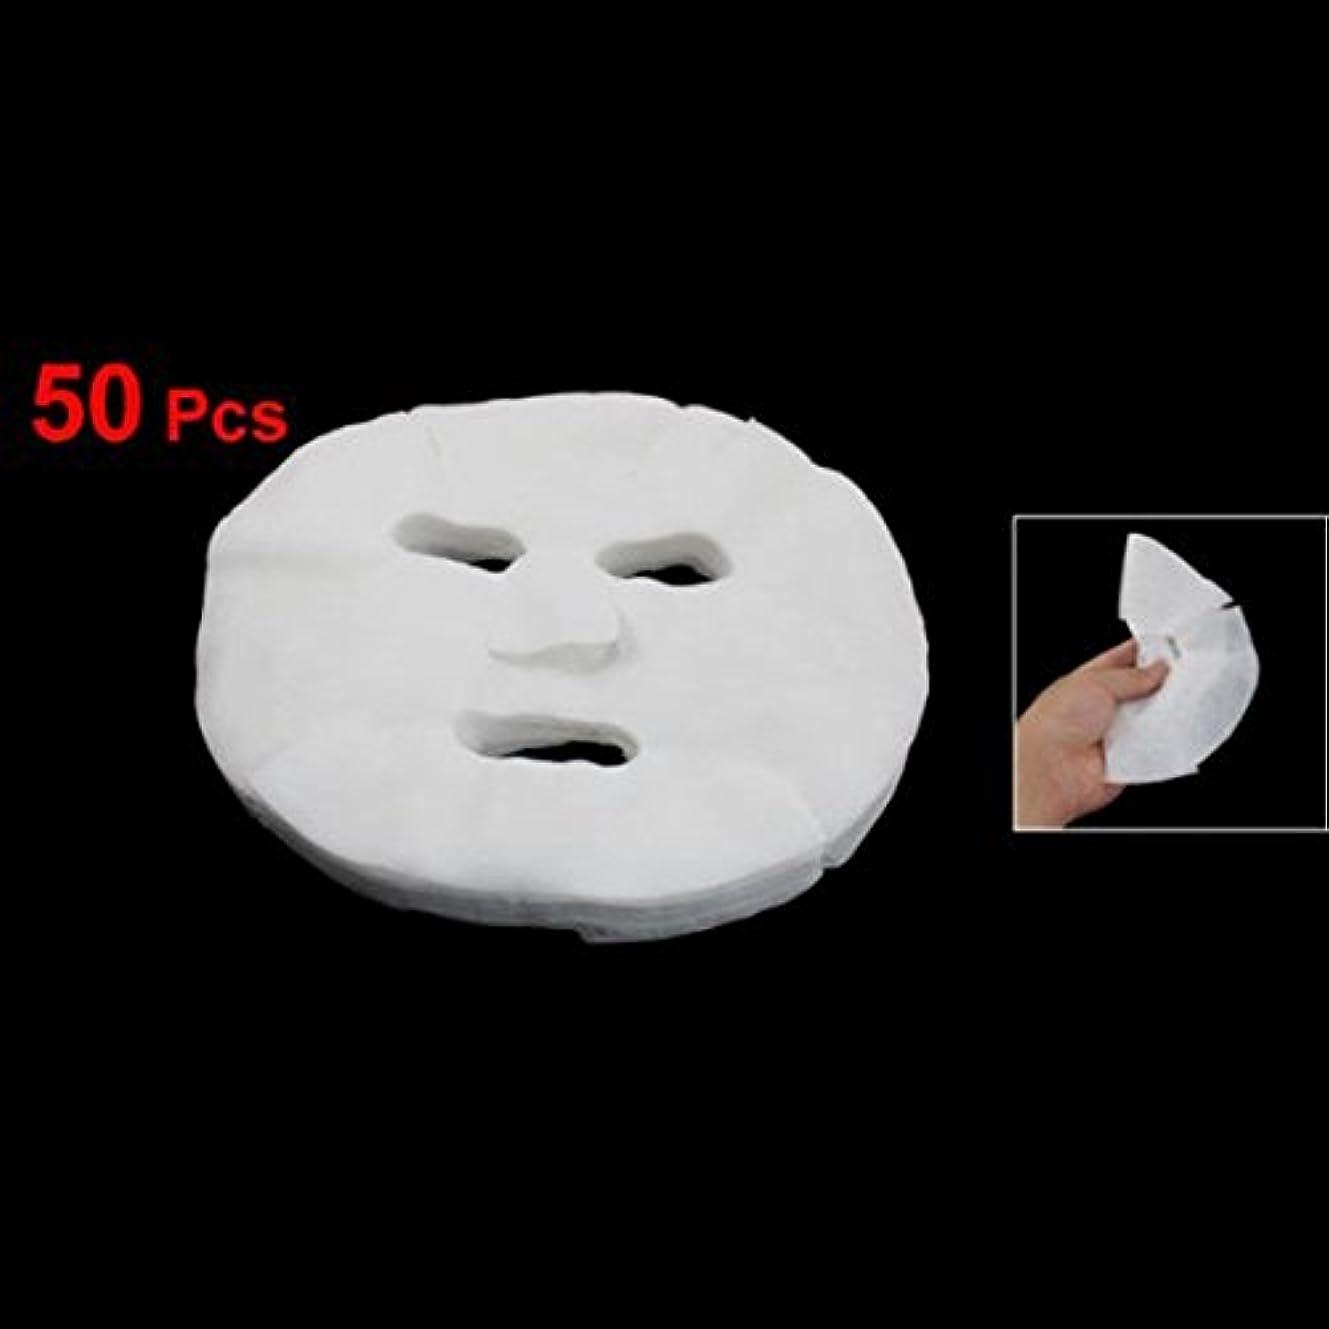 アサーカウンターパート行RETYLY RETYLY(R)50pcs女性の化粧品拡大コットンフェイシャルマスクシート